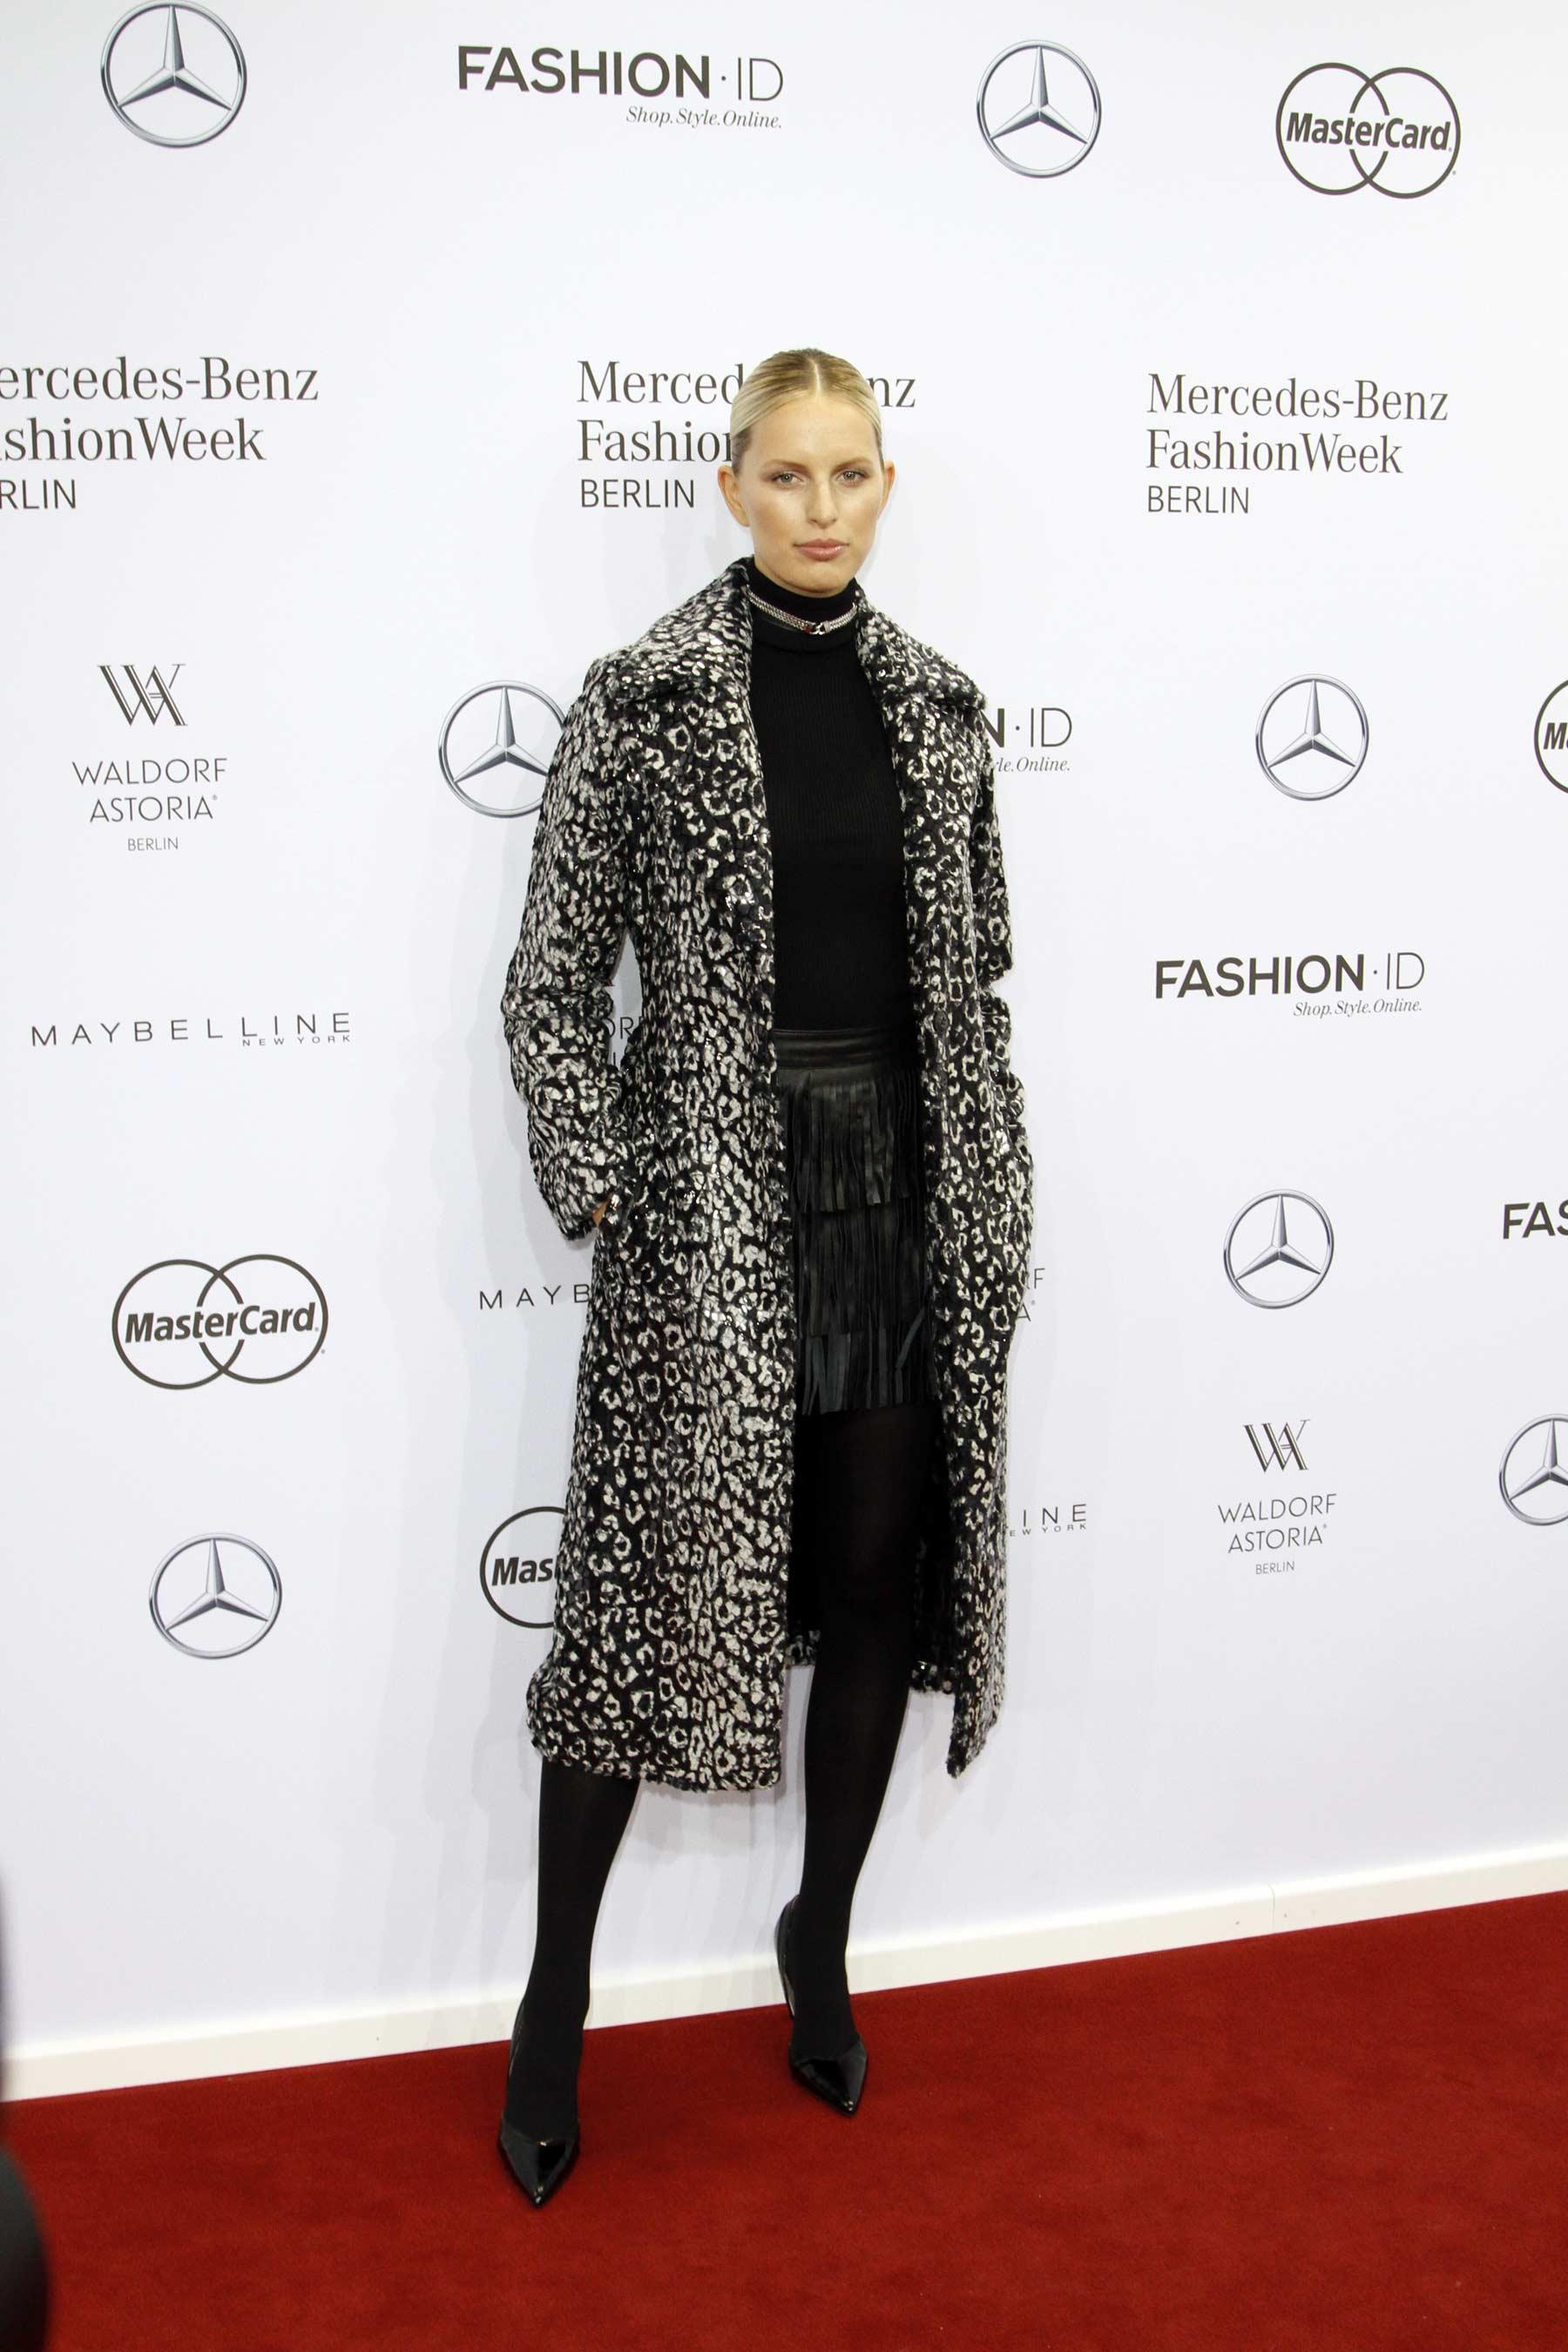 Karolina Kurkova attends Maria Kretschmer show during the Mercedes-Benz Fashion Week Berlin